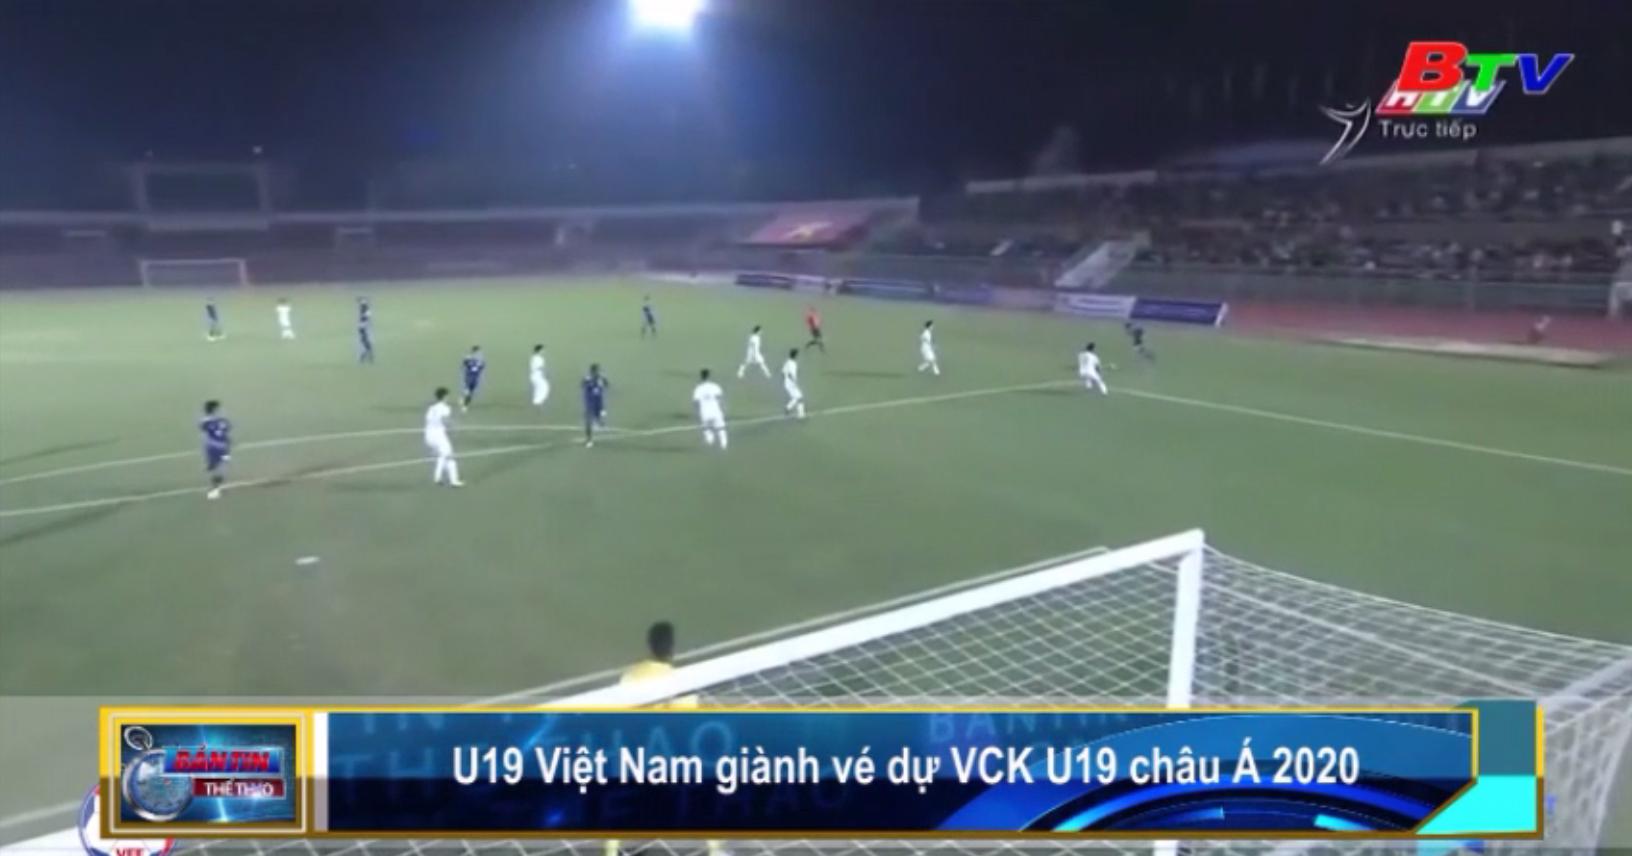 U19 Việt Nam giành vé dự VCK U19 châu Á 2020